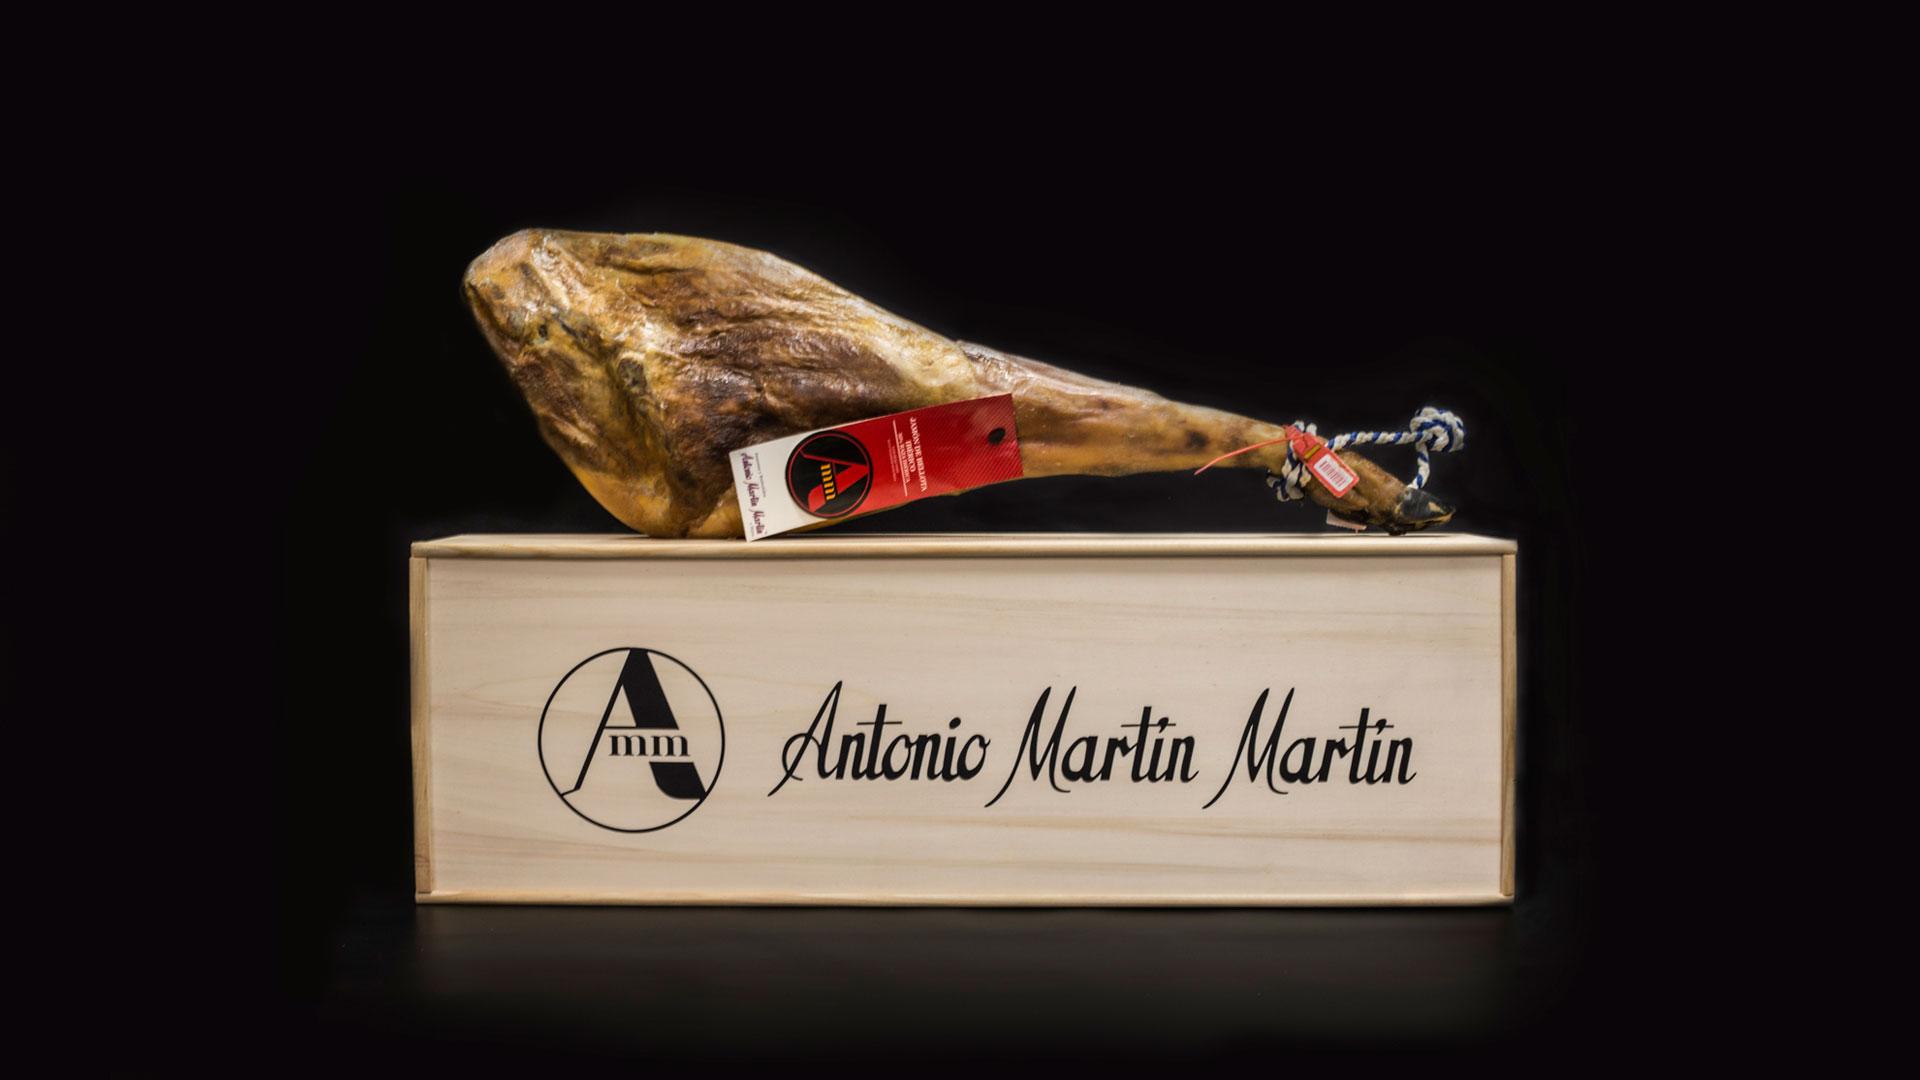 Antonio Martín Martín